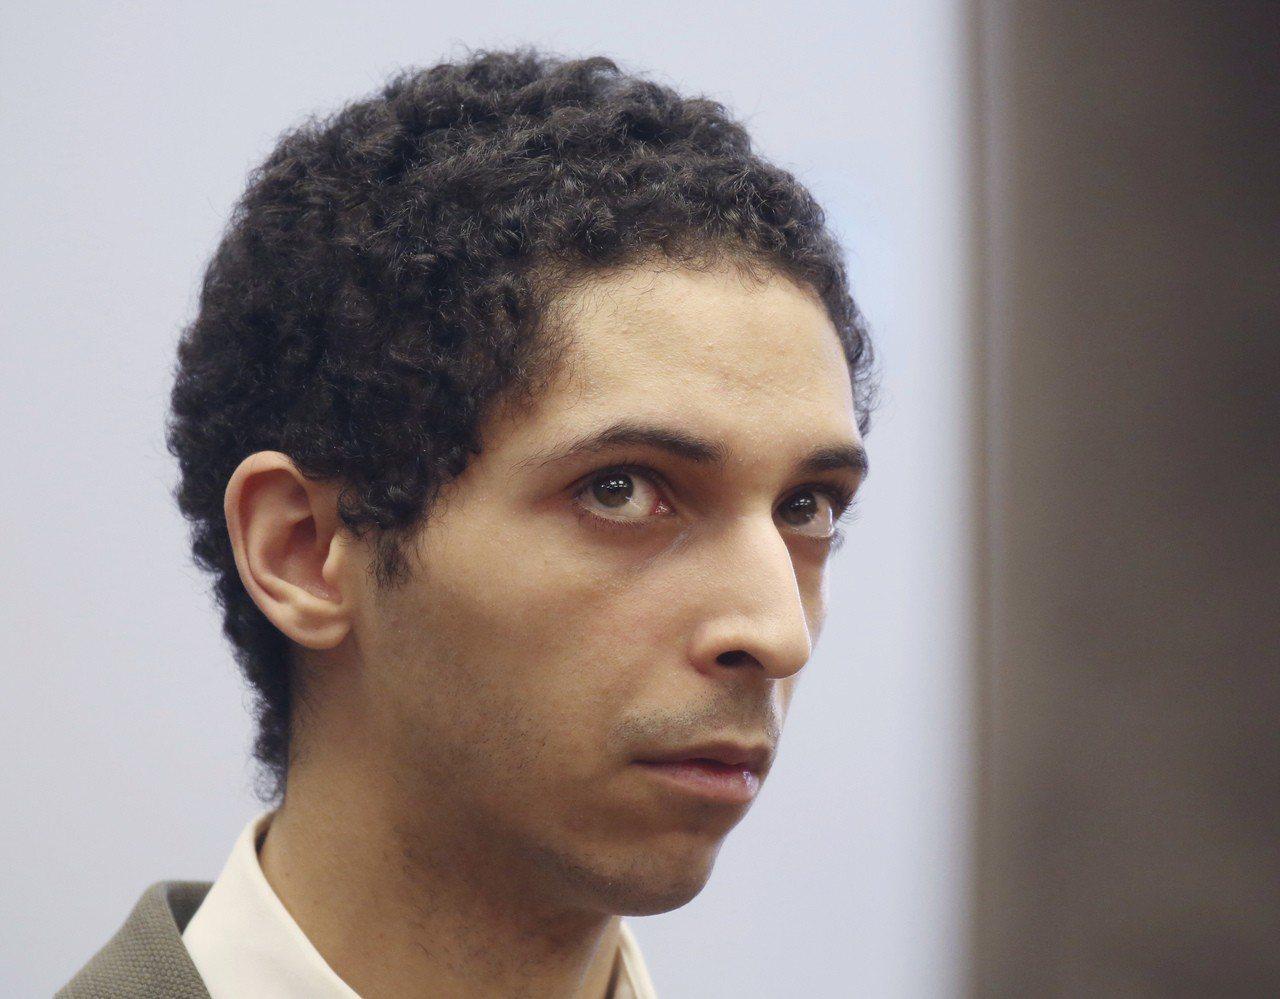 加州26歲男子巴里斯多次向警方報假案,最後造成一名無辜男子死亡,29日被判20年...